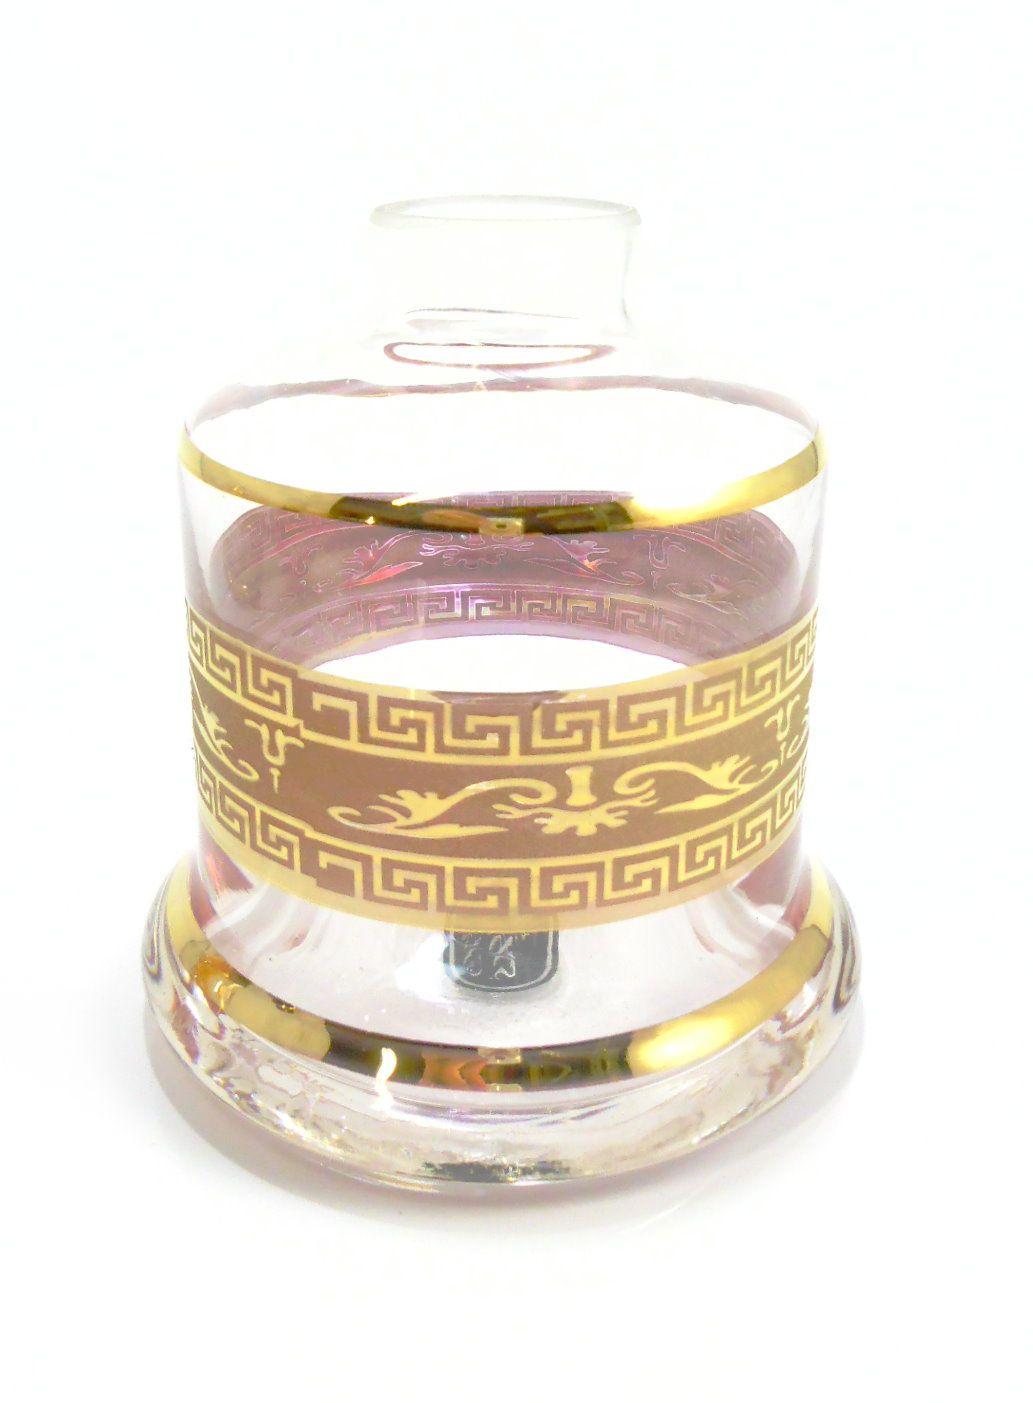 Vaso/base para narguile Shisha Glass EVOLUTION (reto) com FAIXA GREGA dourada (13cm). Encaixe macho. Transparente com fa